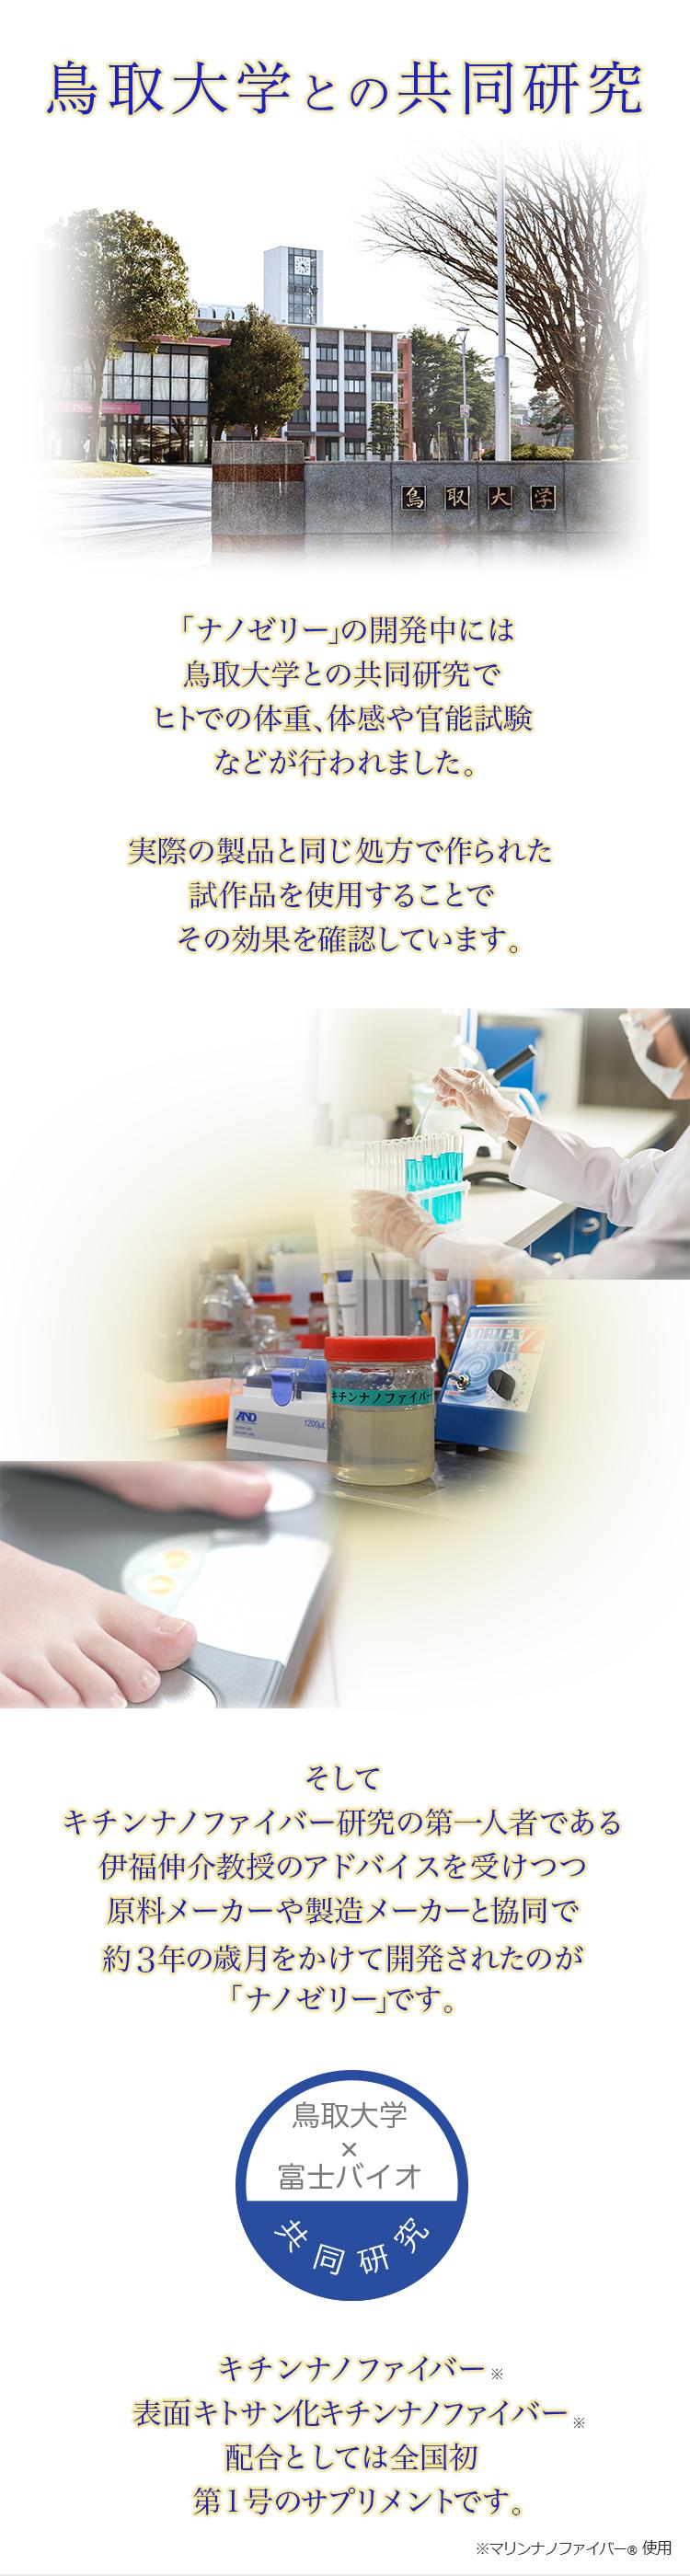 鳥取大学と富士バイオの共同研究